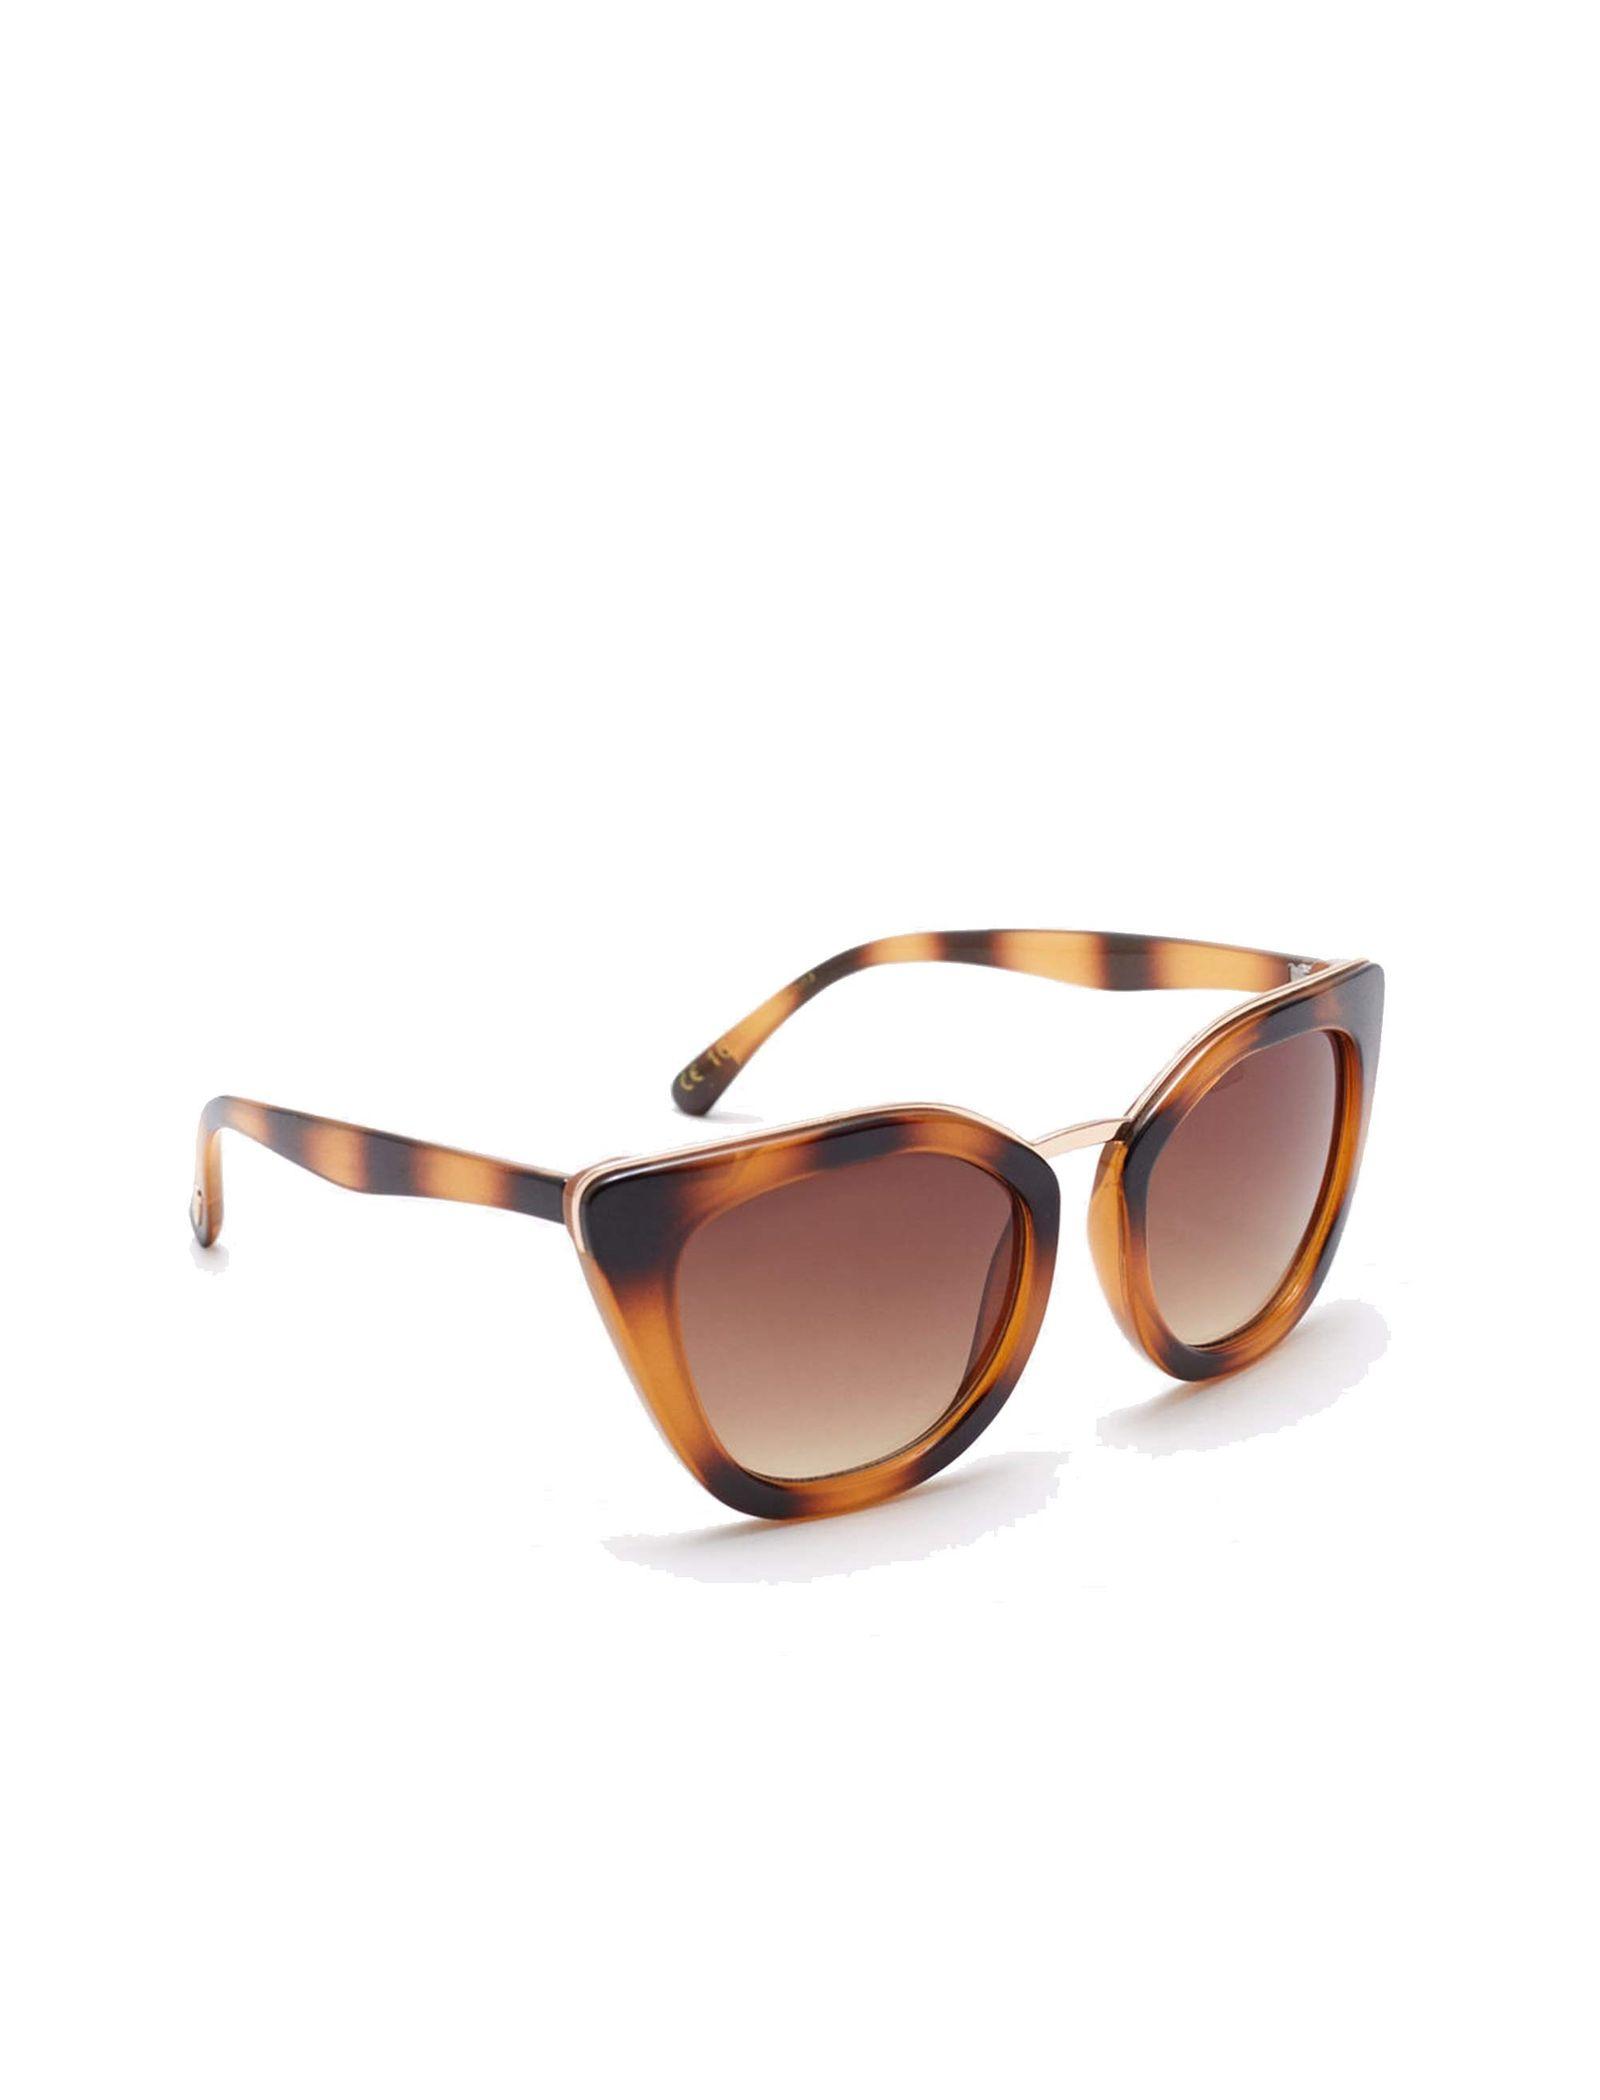 عینک آفتابی زنانه - مانگو - قهوه اي  - 2